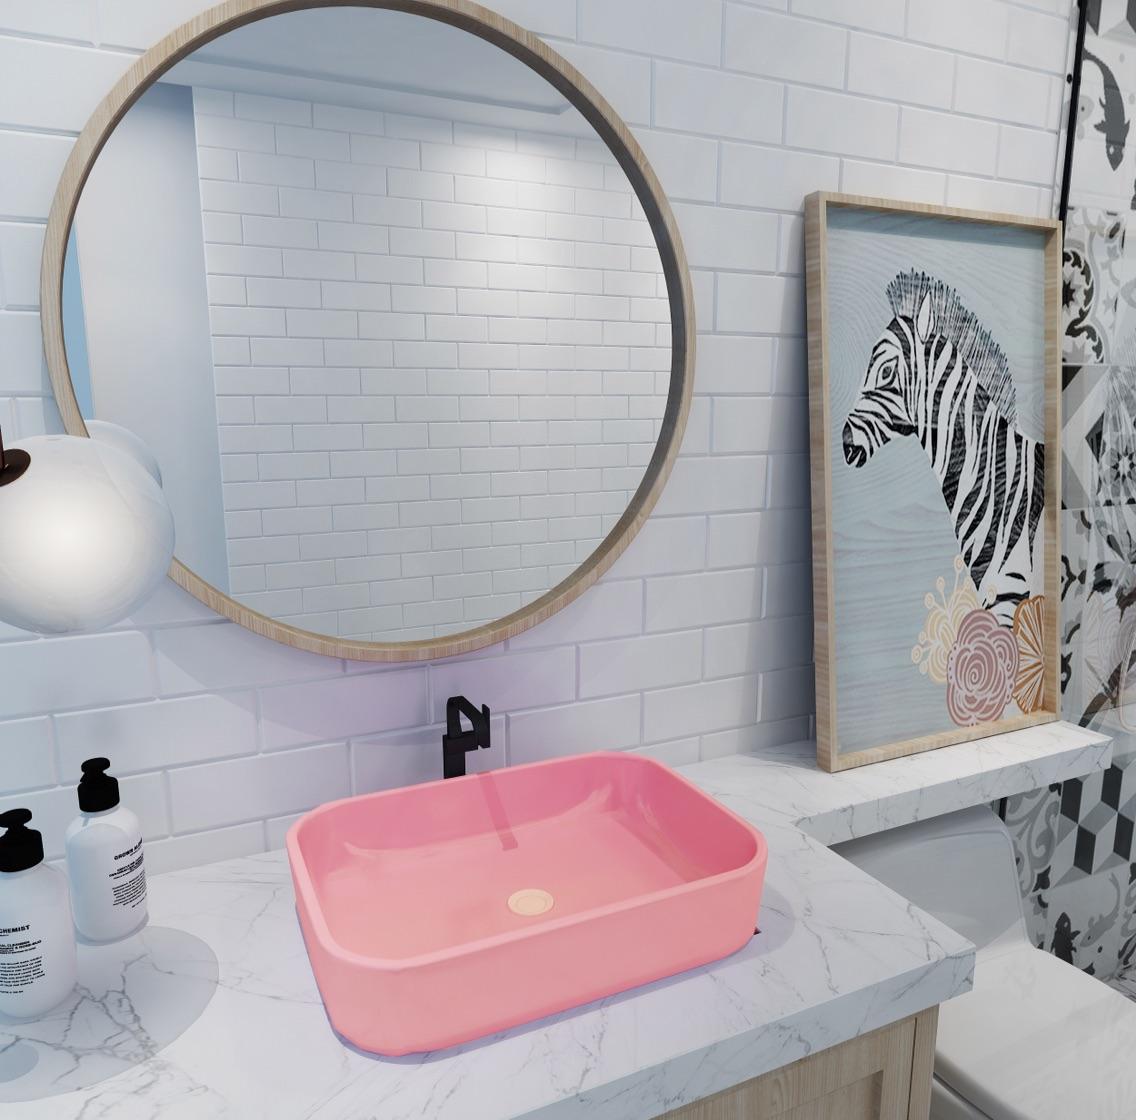 彩色哑光粉色洗手盆台上盆陶瓷洗脸盆家用卫生间小号洗手盆圆盆方